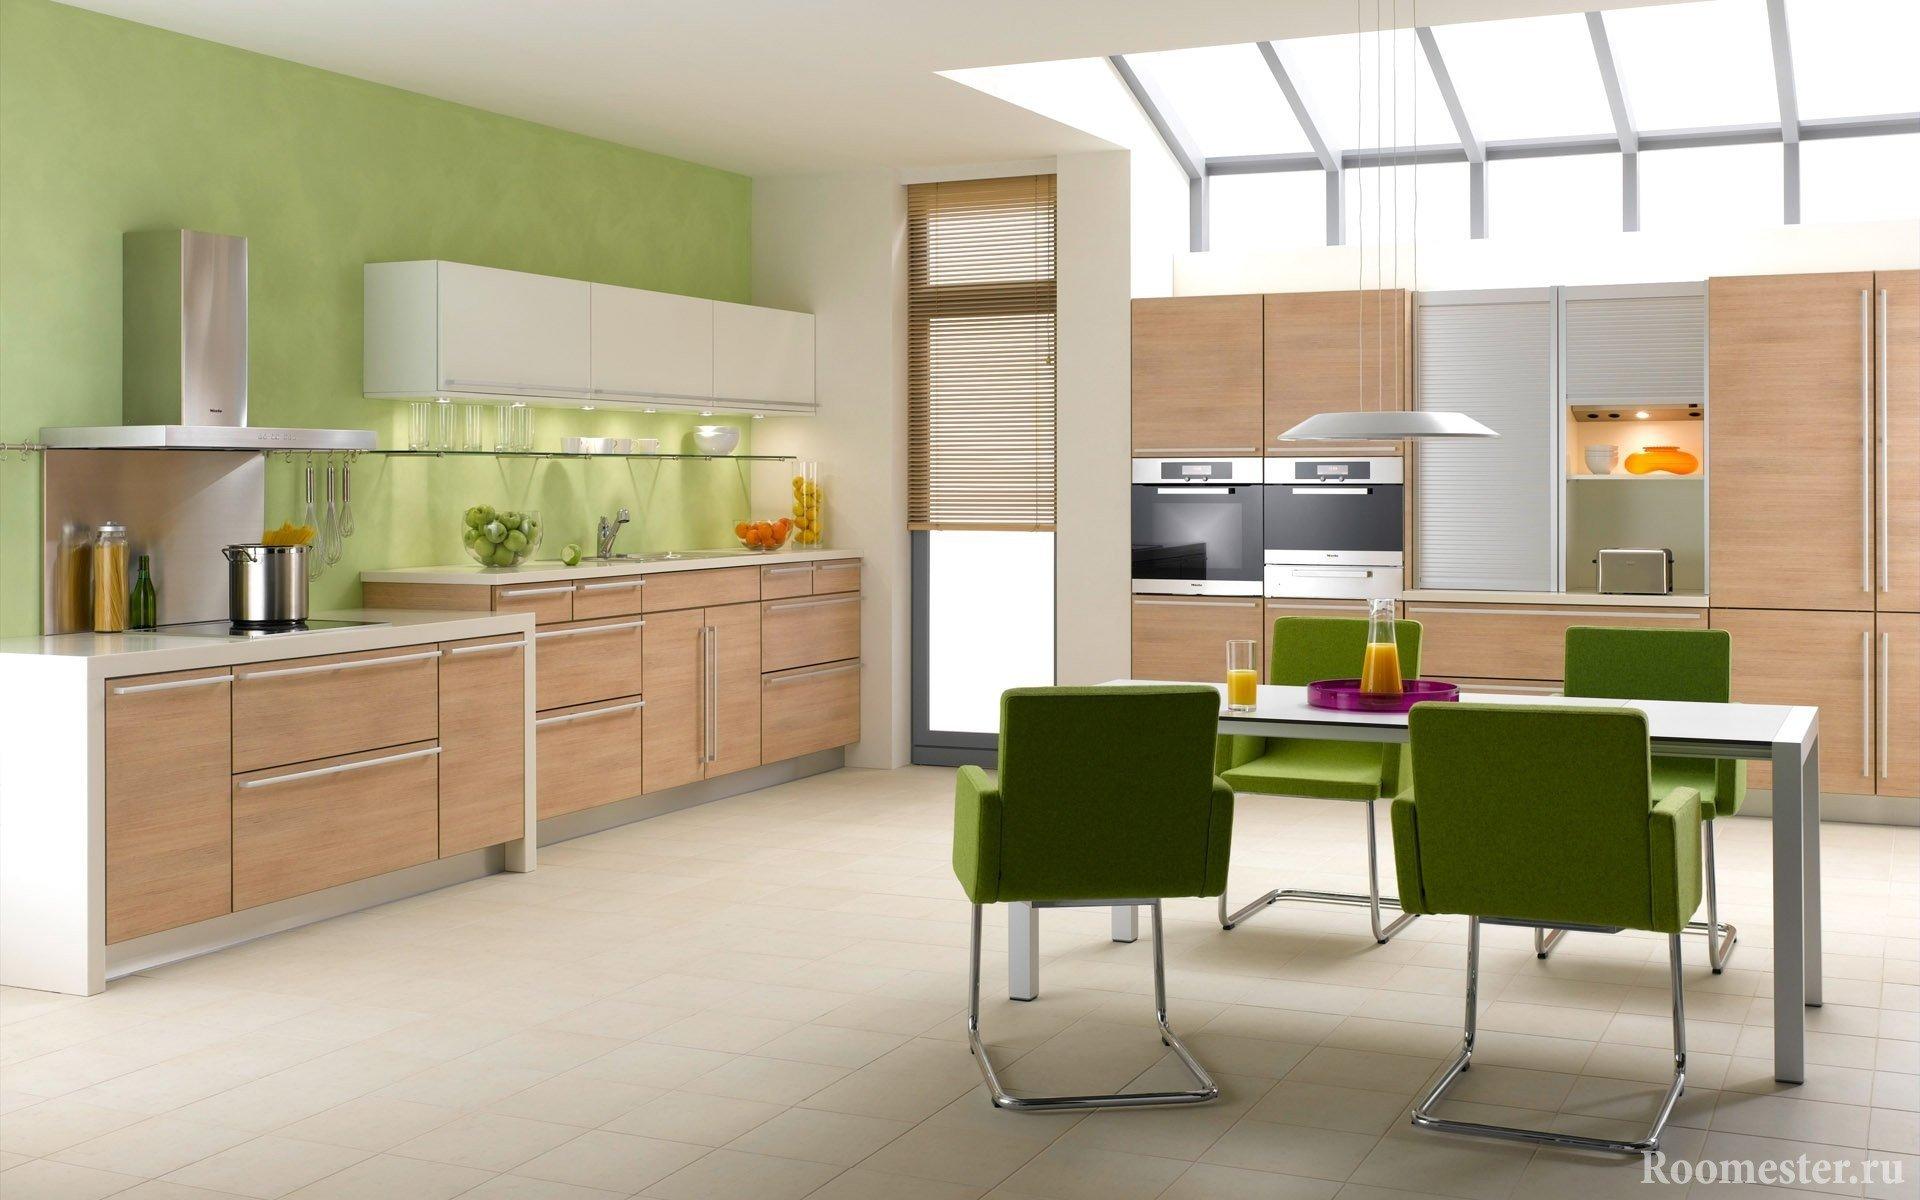 Деревянная кухня на зеленом фоне